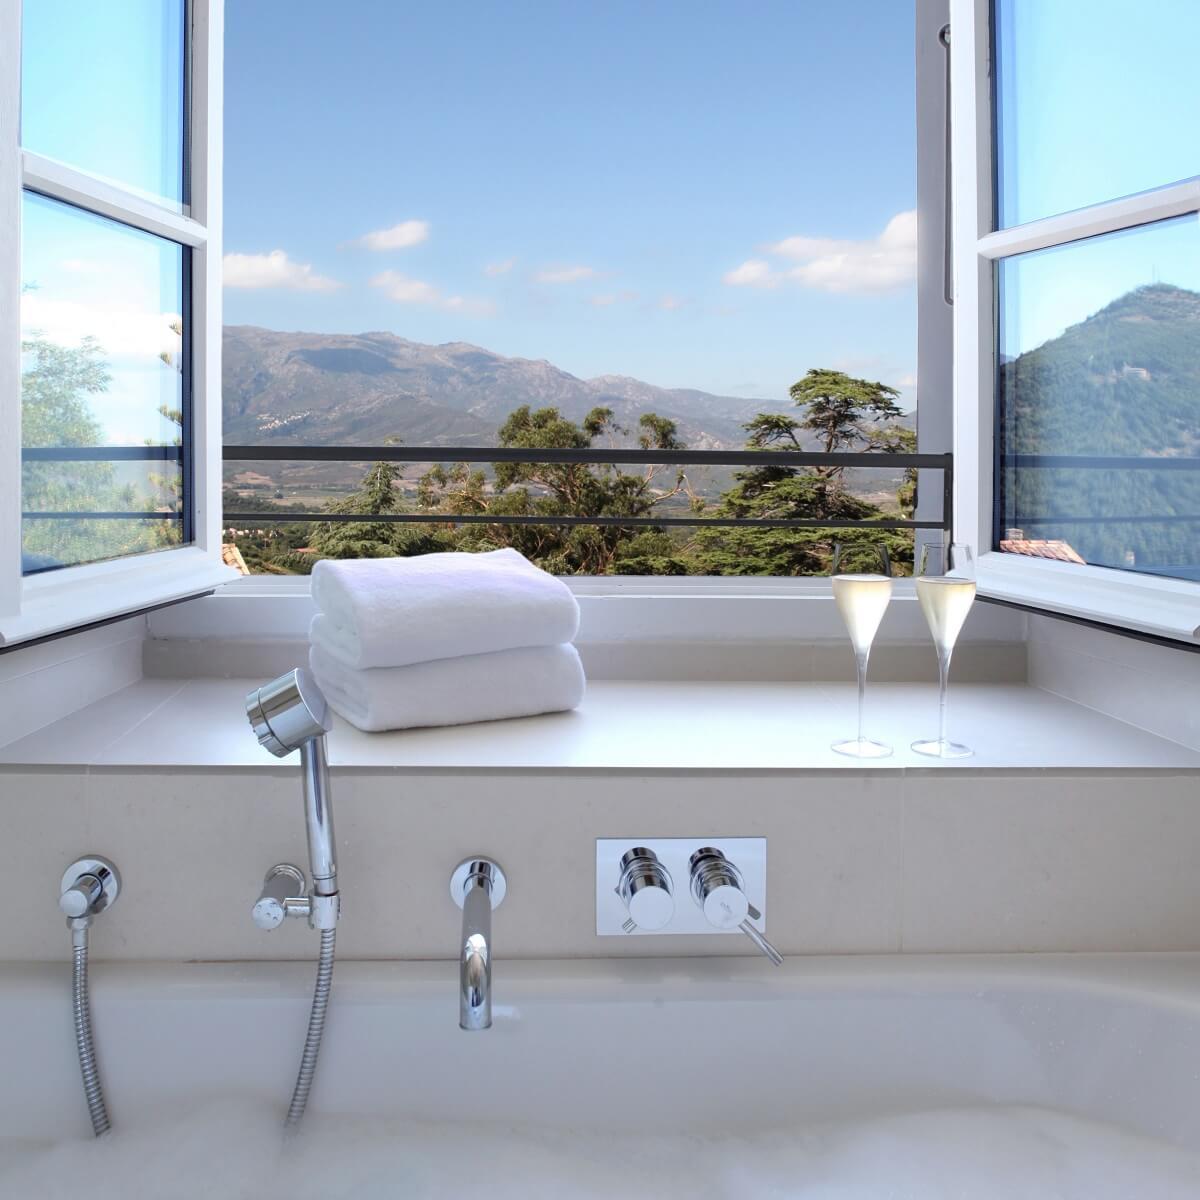 Salle de bain - Hôtel U Palazzu Serenu - Oletta - Haute-Corse